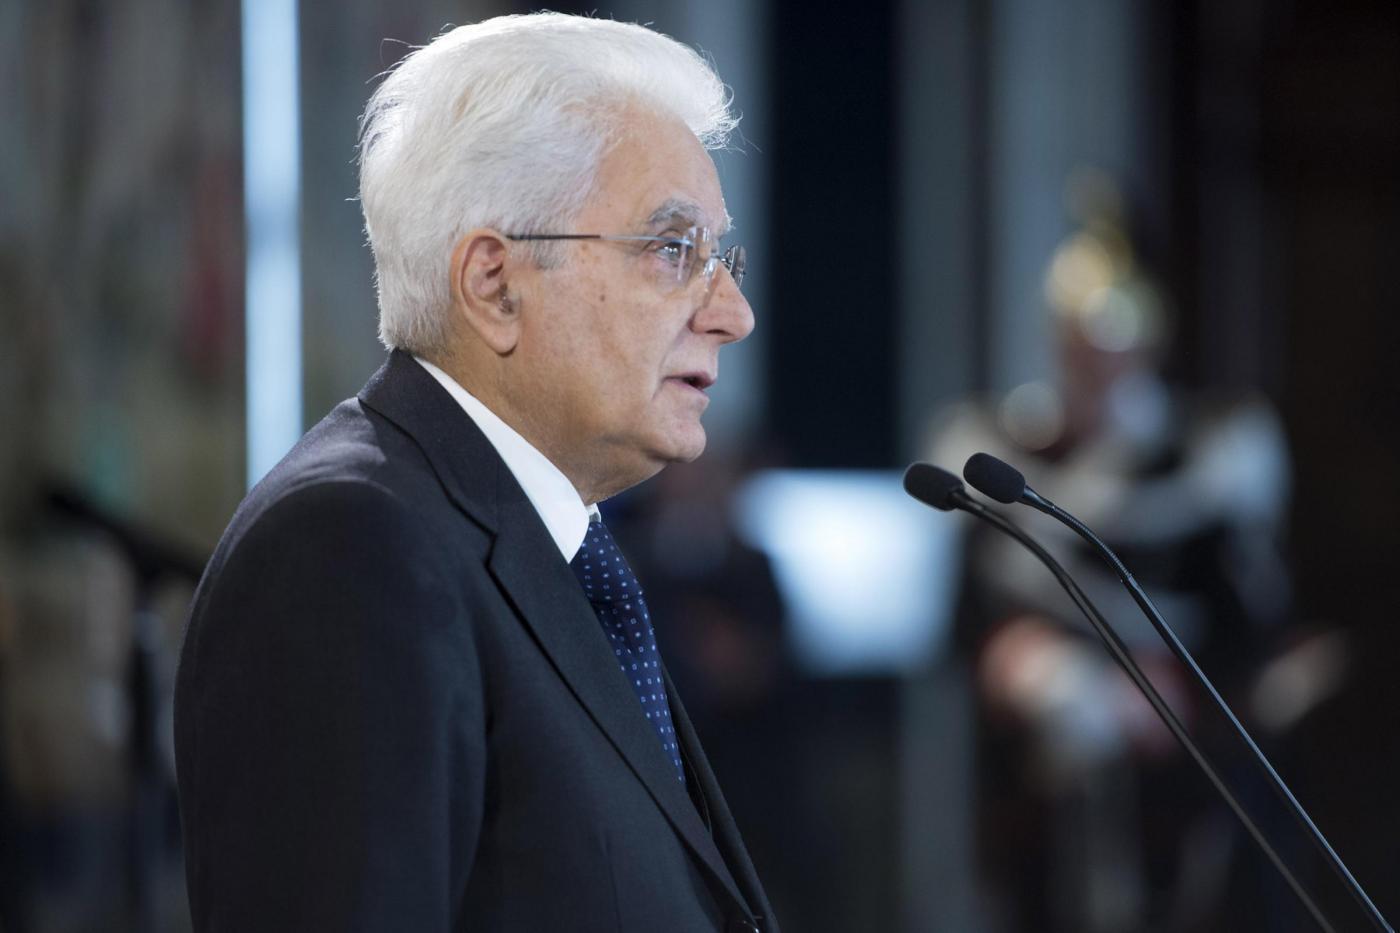 Gli eroi italiani premiati dal presidente Mattarella: ecco chi sono i 40 campioni di solidarietà